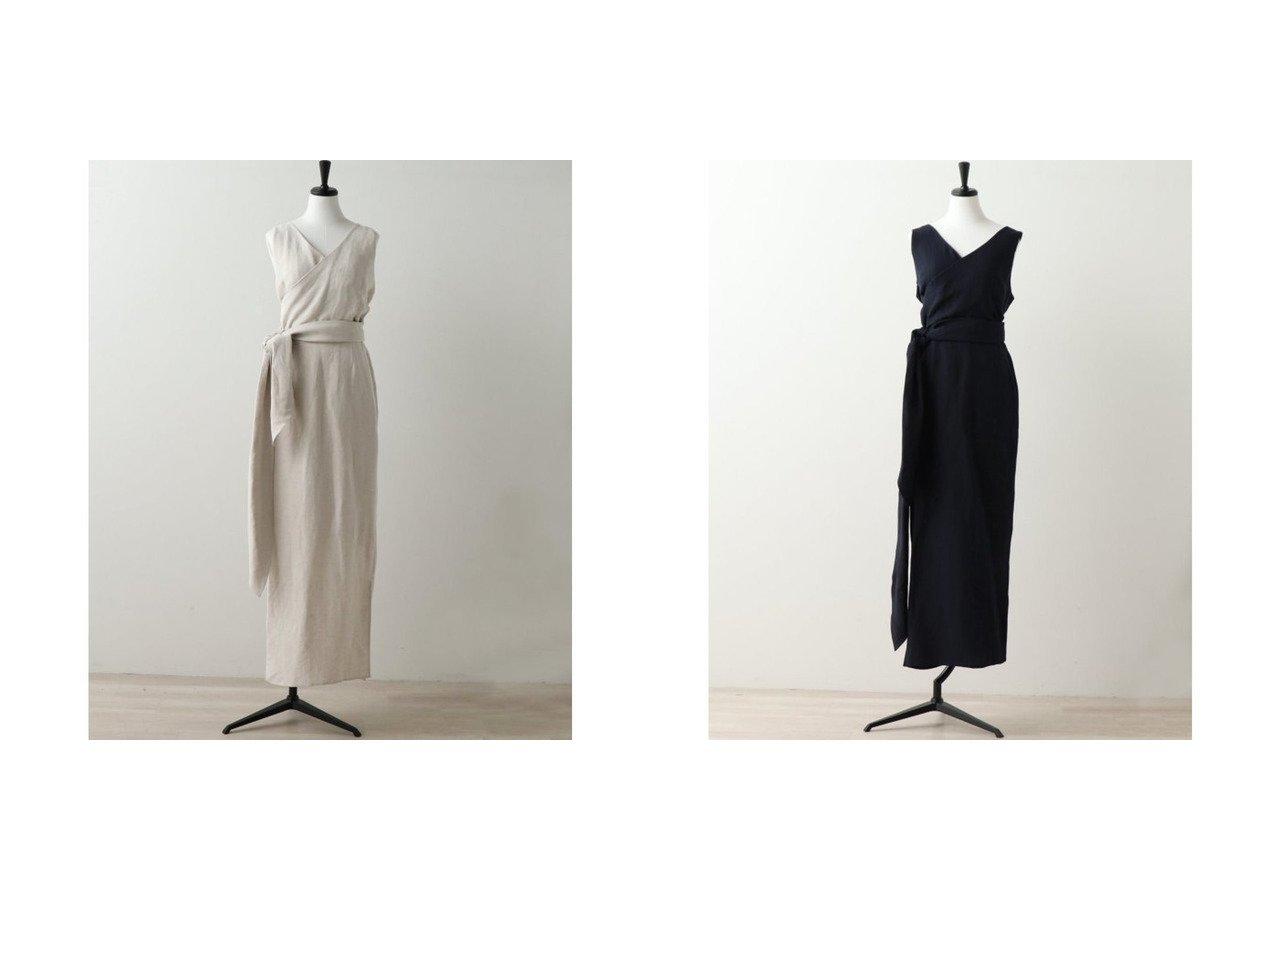 【mjuka/ミューカ】のウエストリボンワンピース おすすめ!人気トレンド・レディースファッション通販 おすすめで人気の流行・トレンド、ファッションの通販商品 インテリア・家具・メンズファッション・キッズファッション・レディースファッション・服の通販 founy(ファニー) https://founy.com/ ファッション Fashion レディースファッション WOMEN ワンピース Dress 2021年 2021 2021春夏・S/S SS/Spring/Summer/2021 S/S・春夏 SS・Spring/Summer 夏 Summer 春 Spring  ID:crp329100000054560